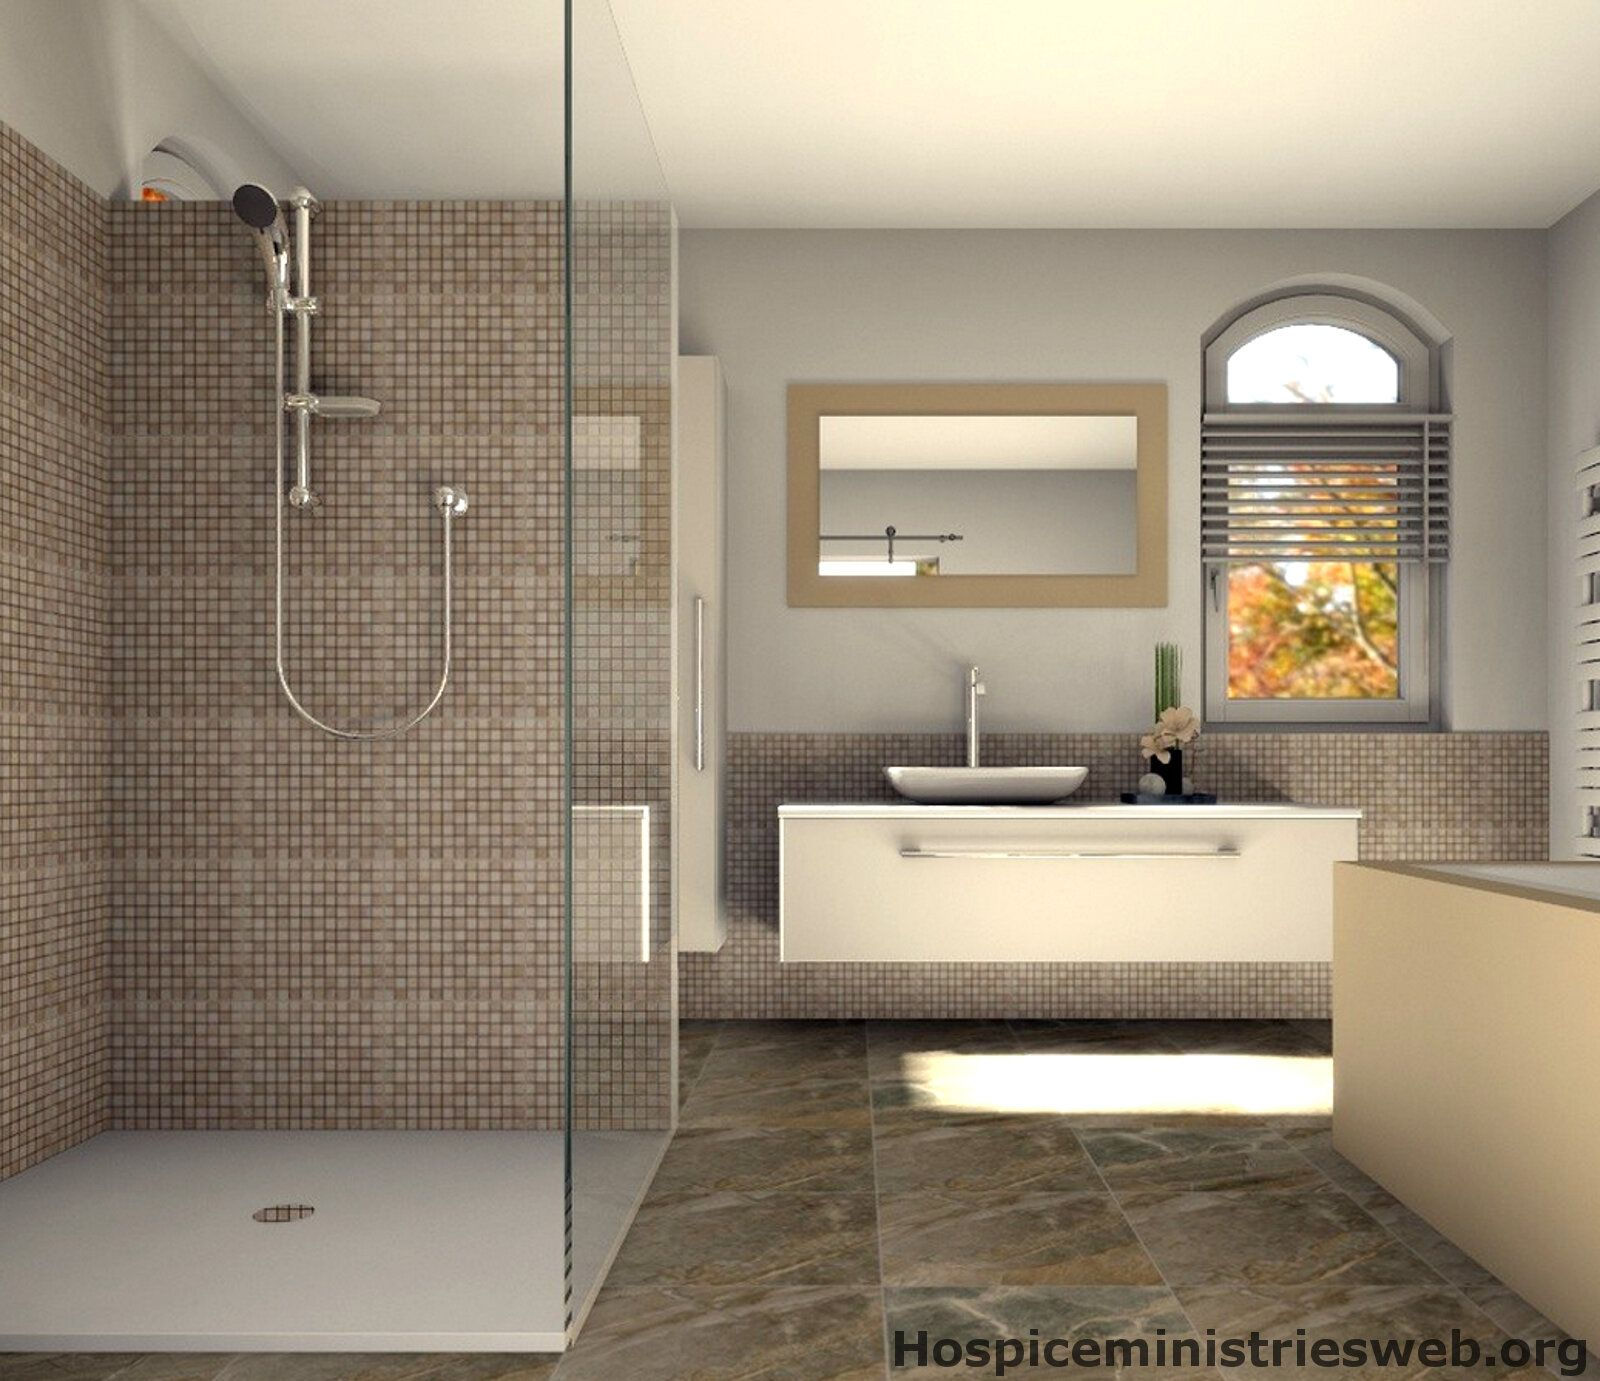 35 Ideen Fur Badezimmer Braun Beige Wohn Ideen Ideen Fur